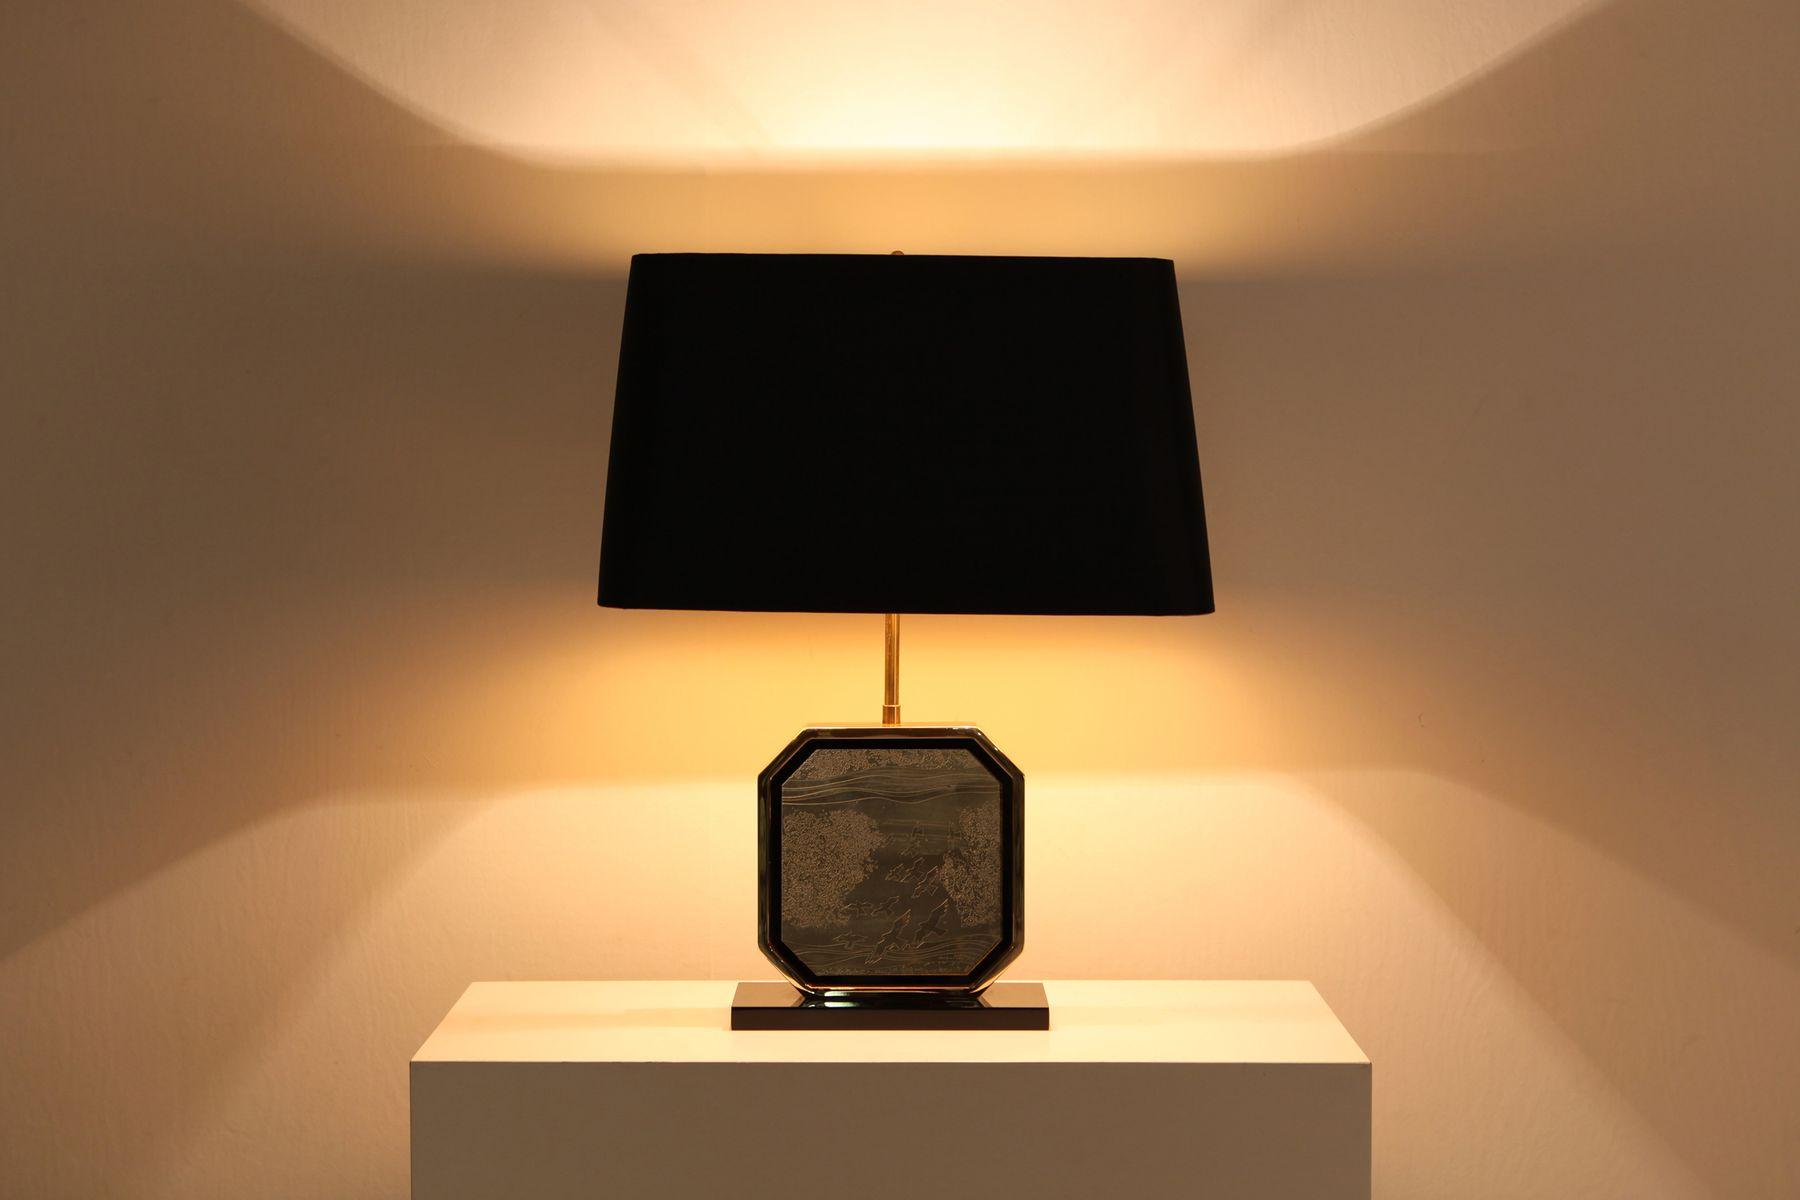 Lampe de bureau style hollywood regency en or et laiton de maho 1970s en vente sur pamono - Lampe de bureau style anglais ...